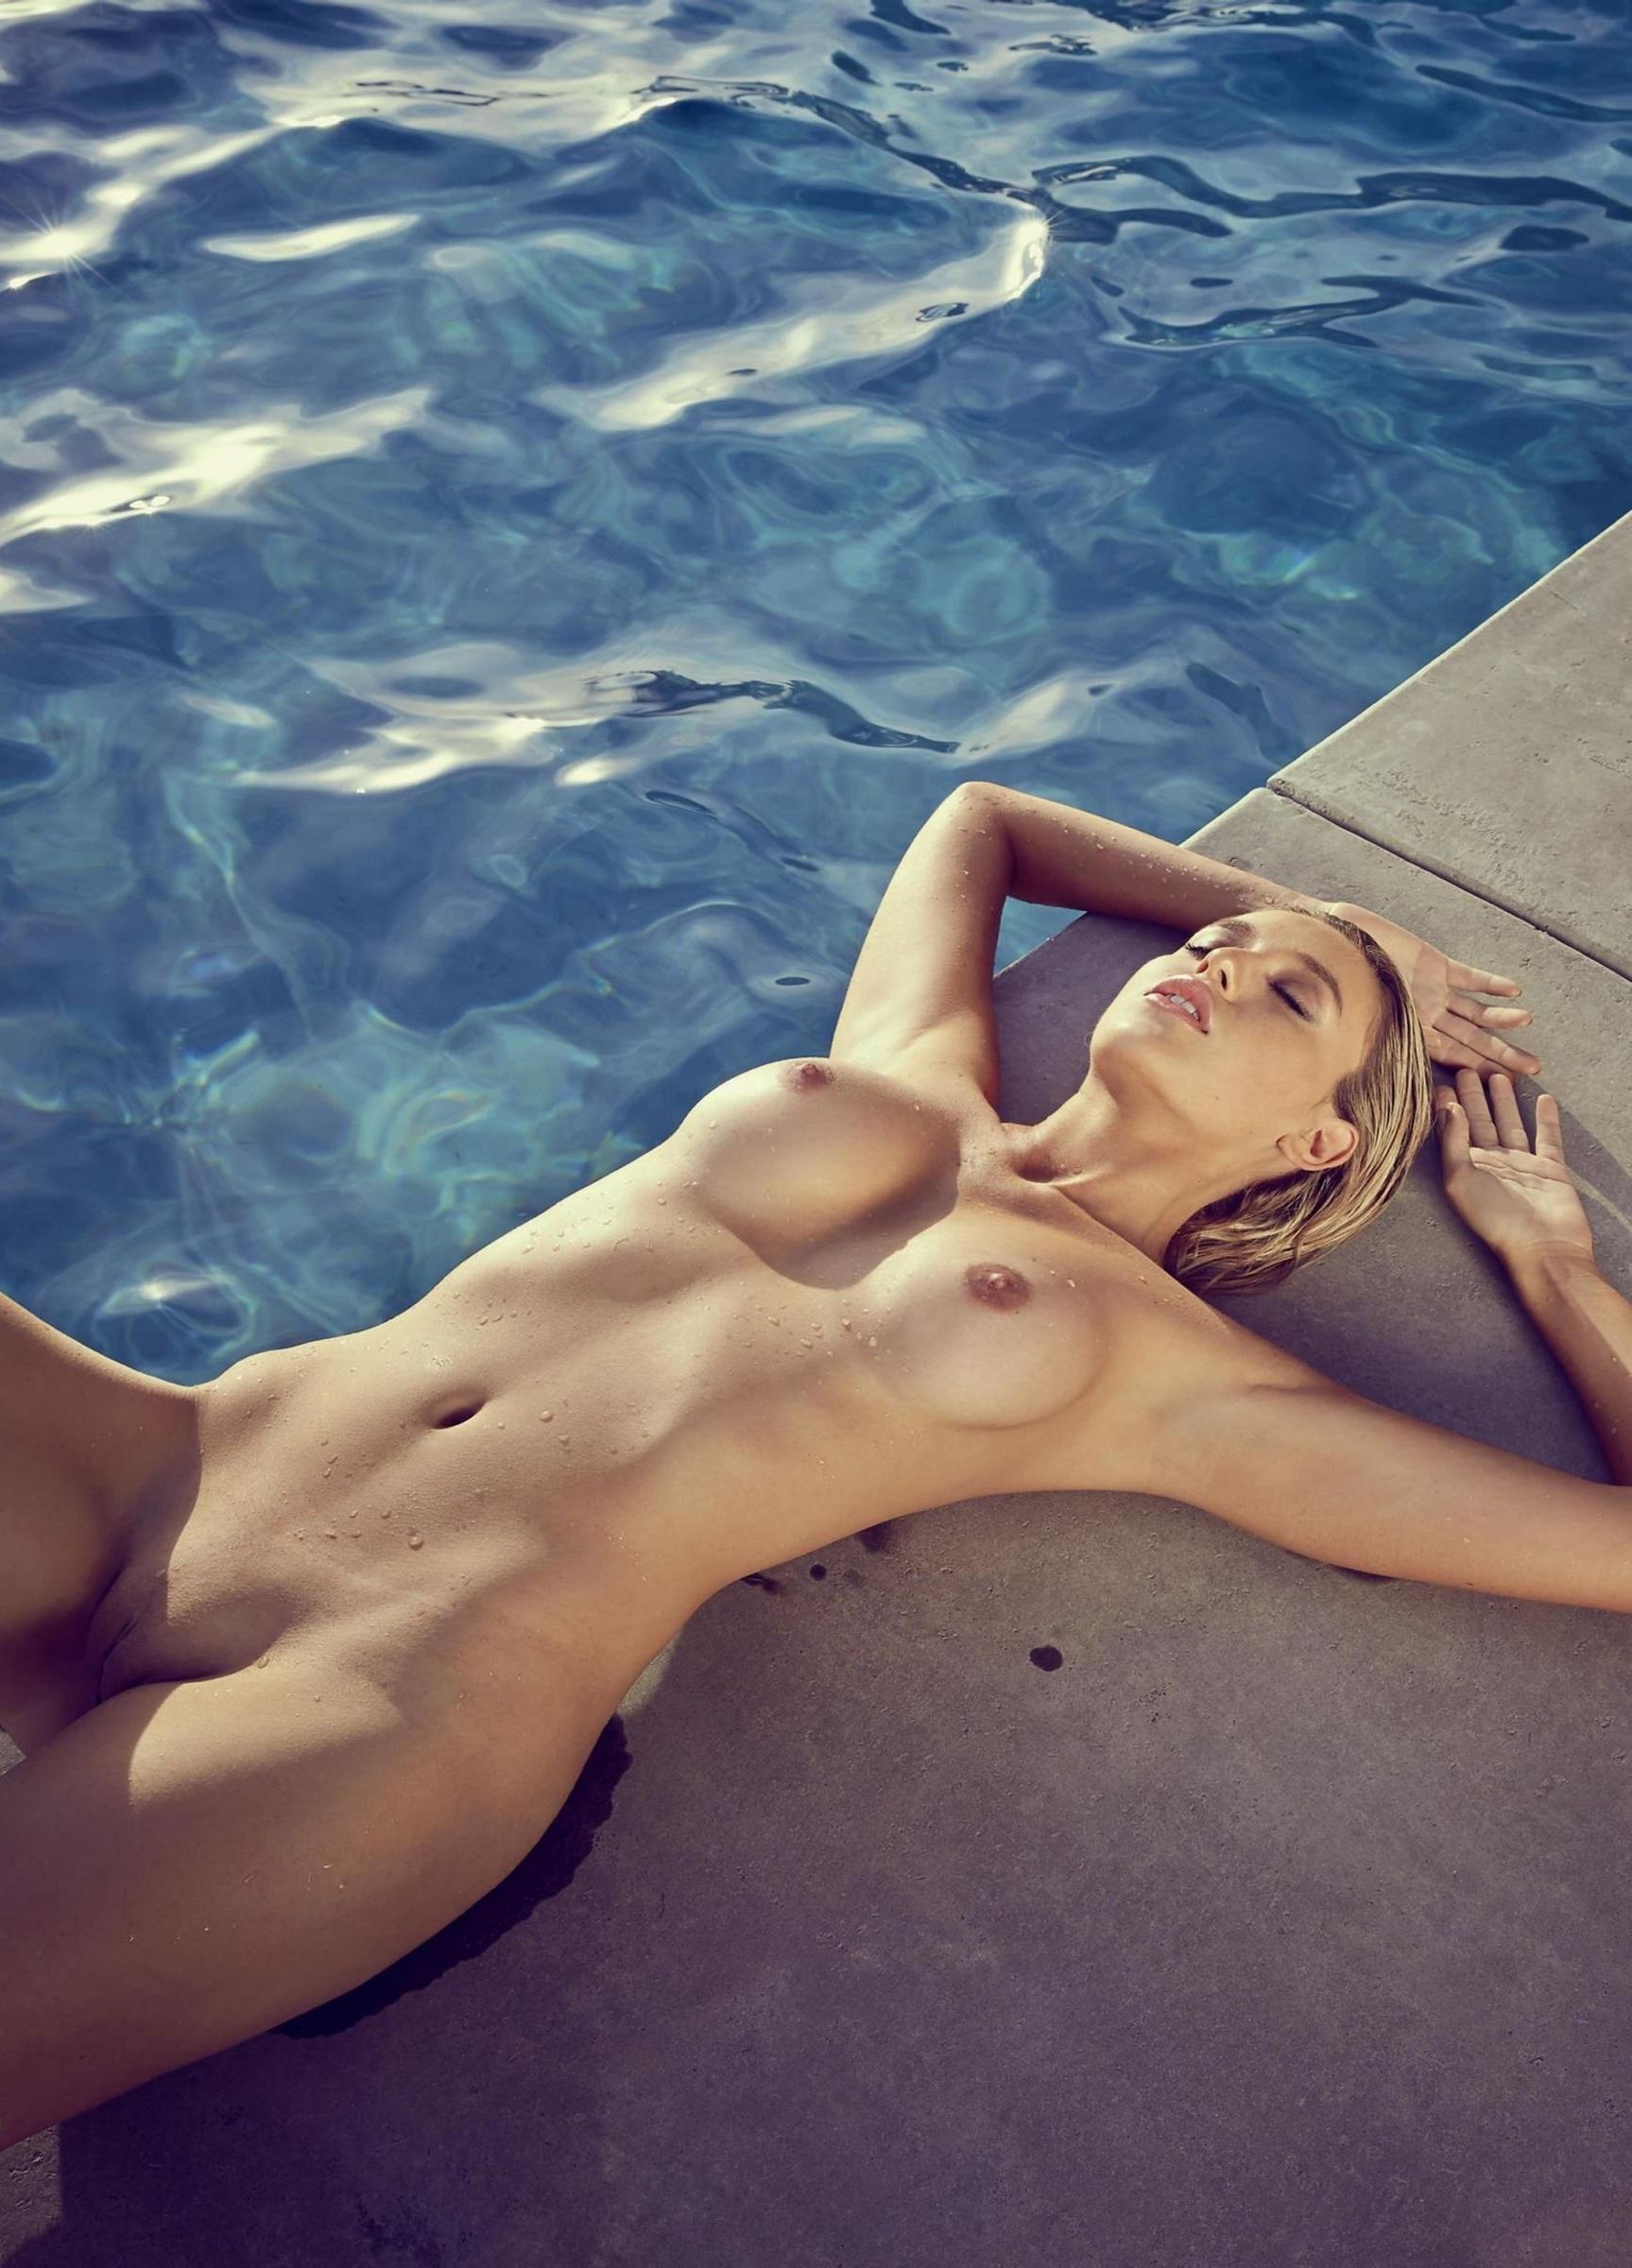 подборка фотографий сексуальных голых девушек - Monica Sims